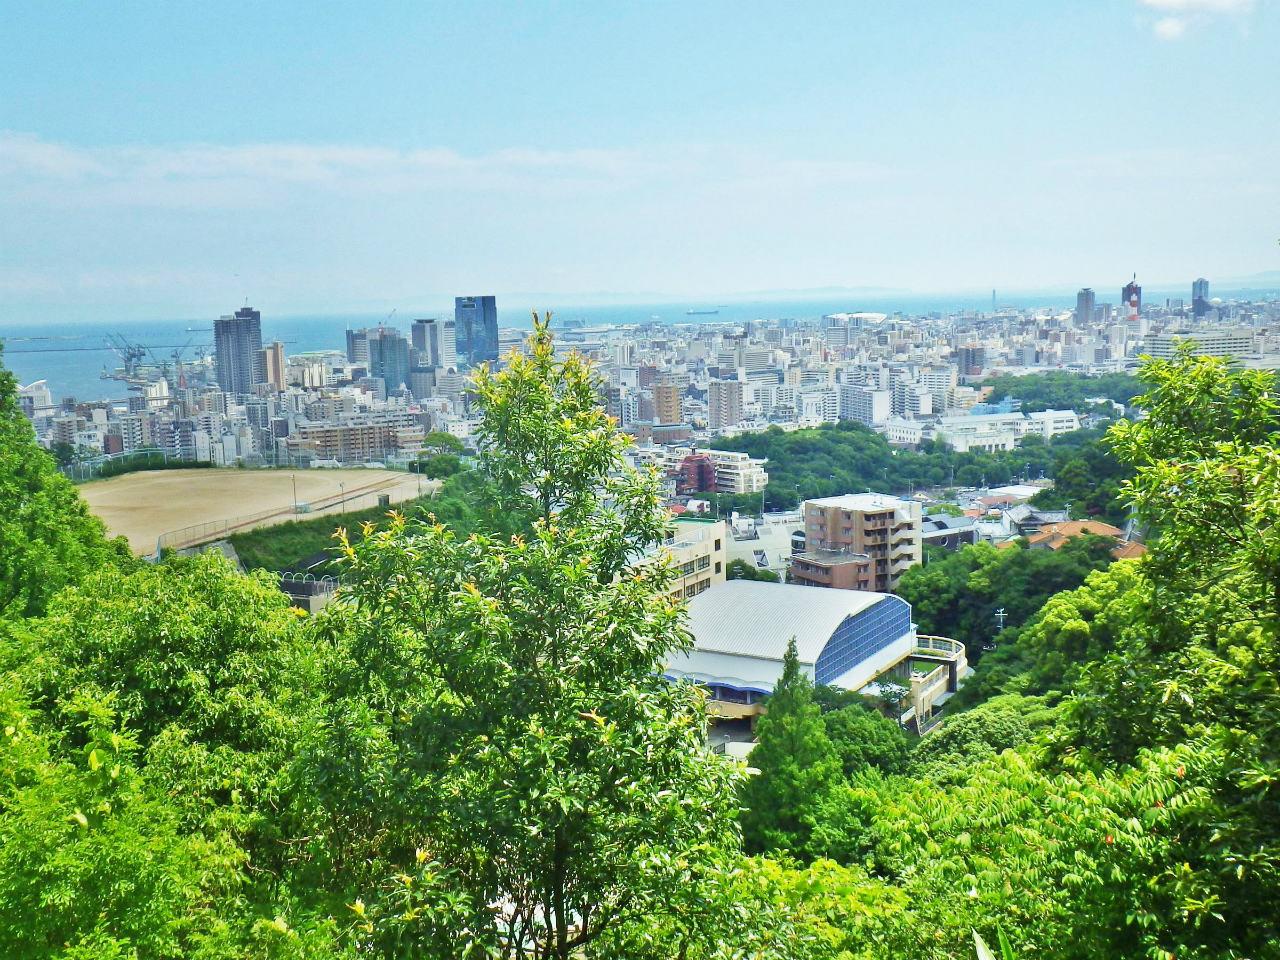 24a 諏訪神社に近づく